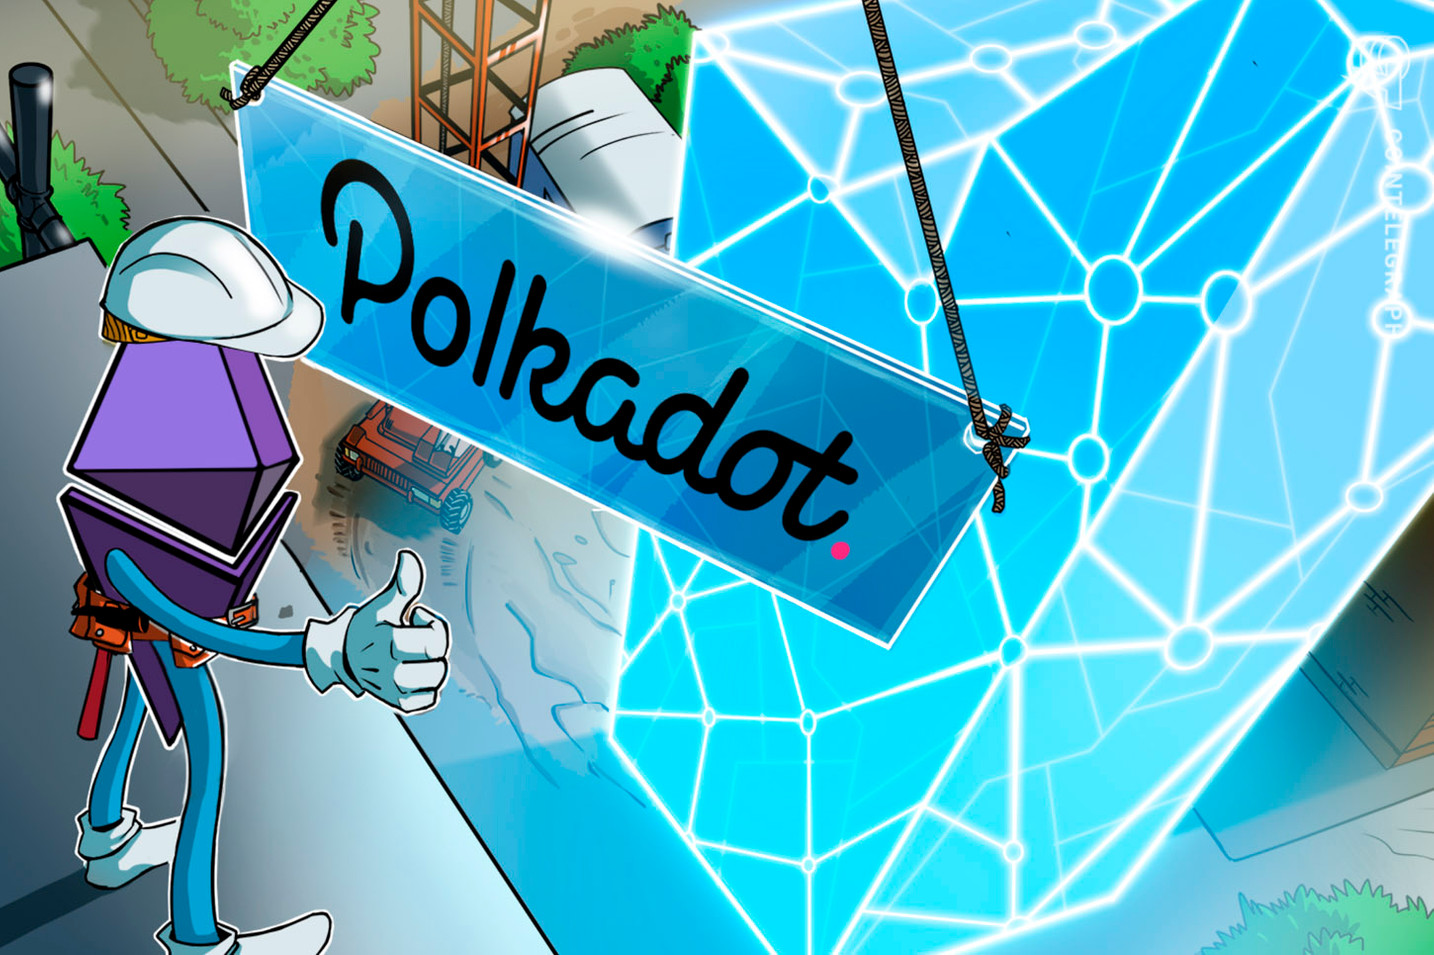 Altcoin harekatı: Polkadot (DOT) fiyatındaki yükseliş geceye damga vurdu